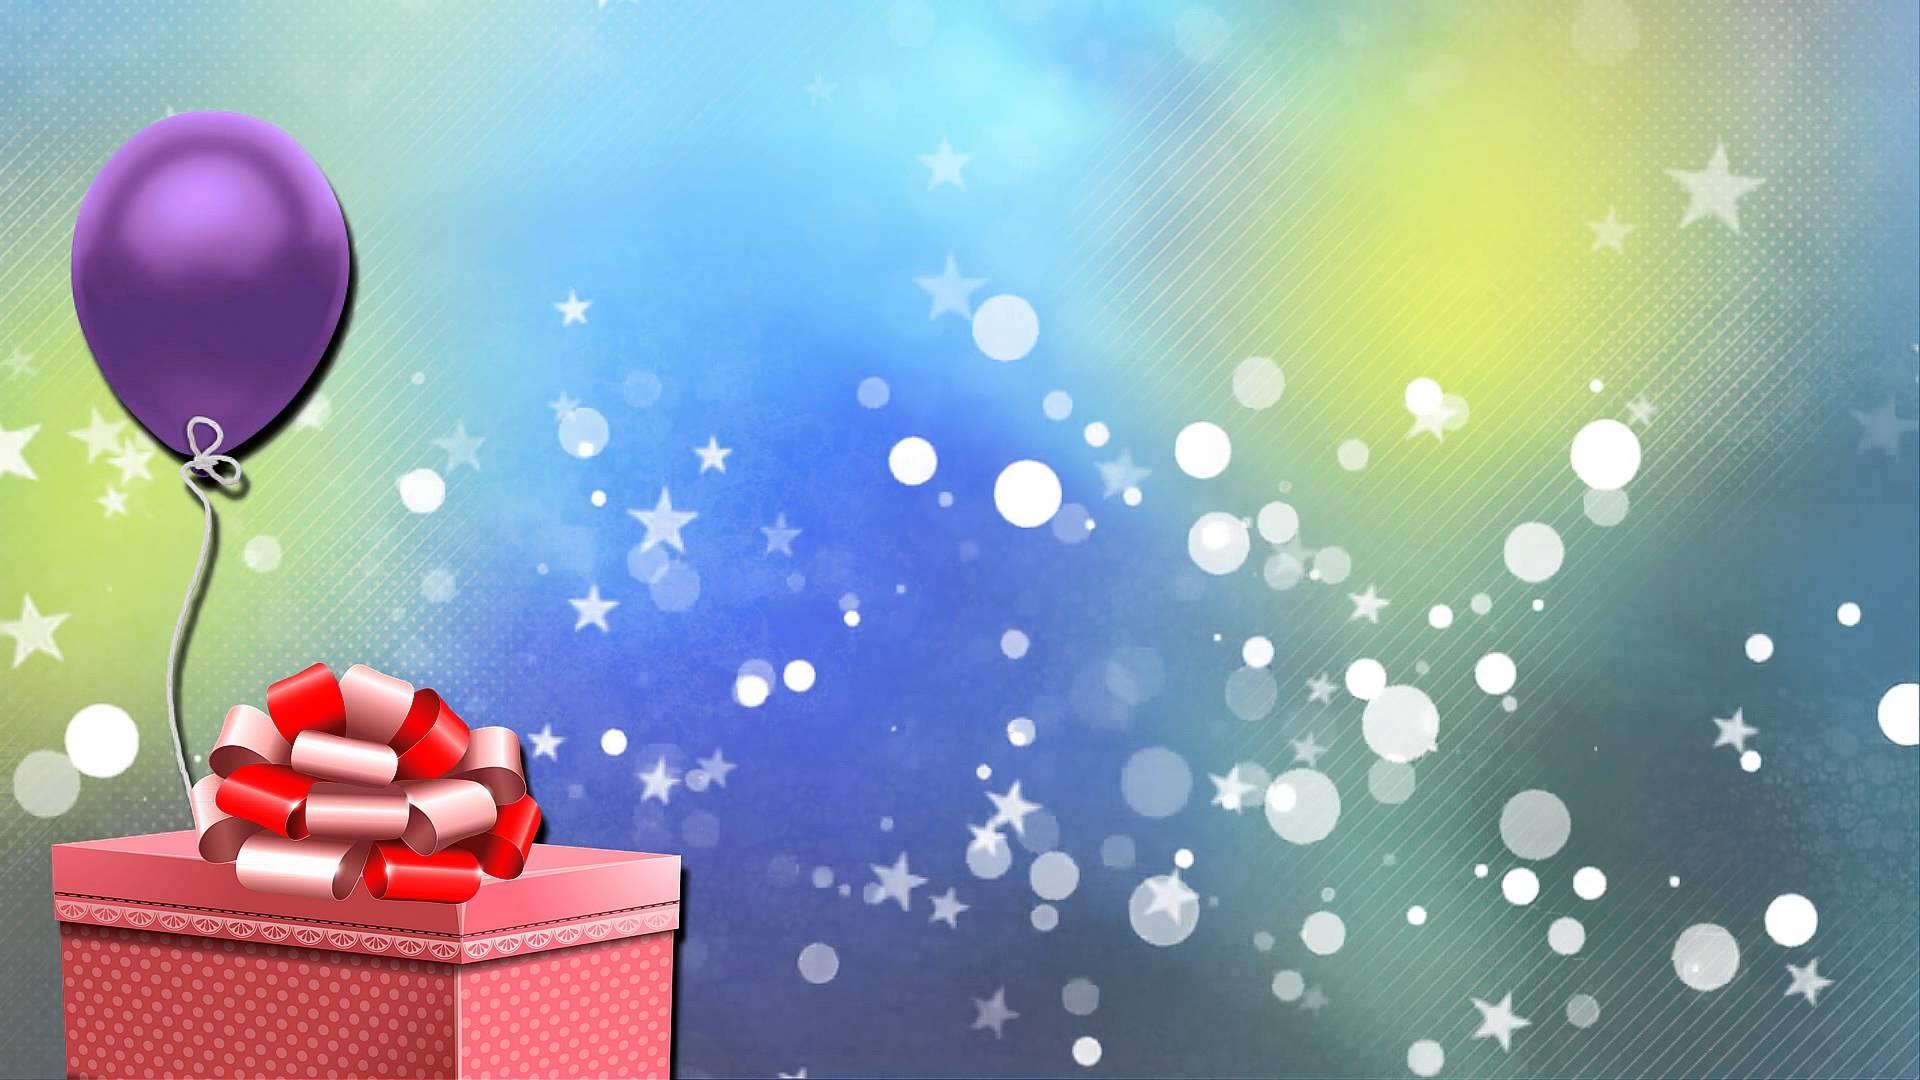 Смешарики новогодние, фон открытка с праздником